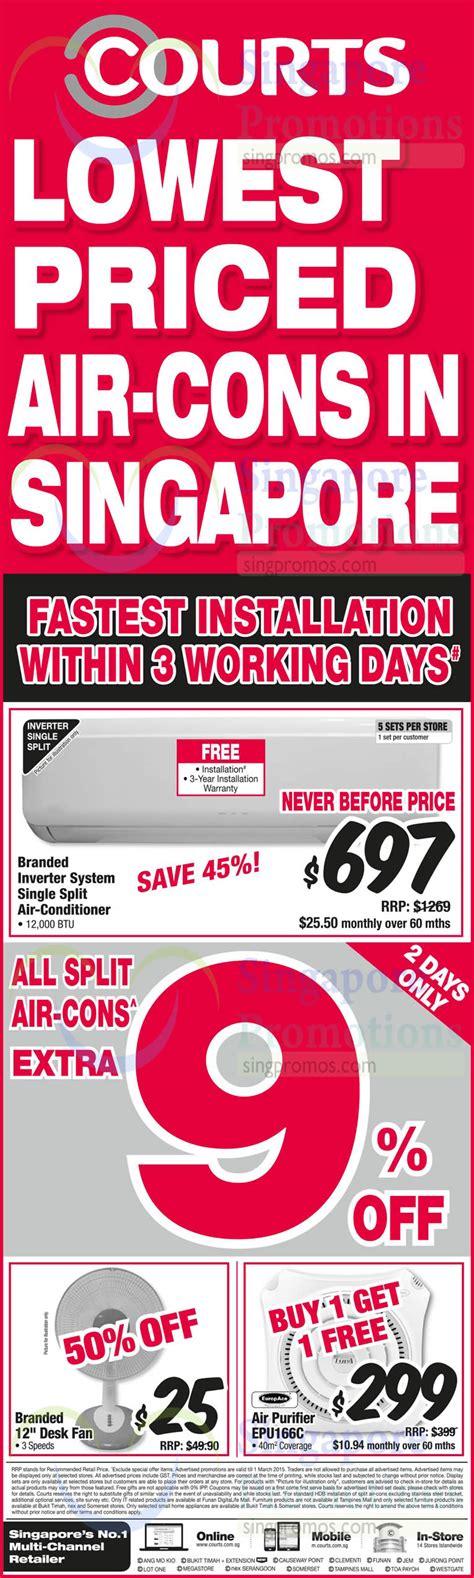 big air fans website air conditioner fan air purifier europace split air